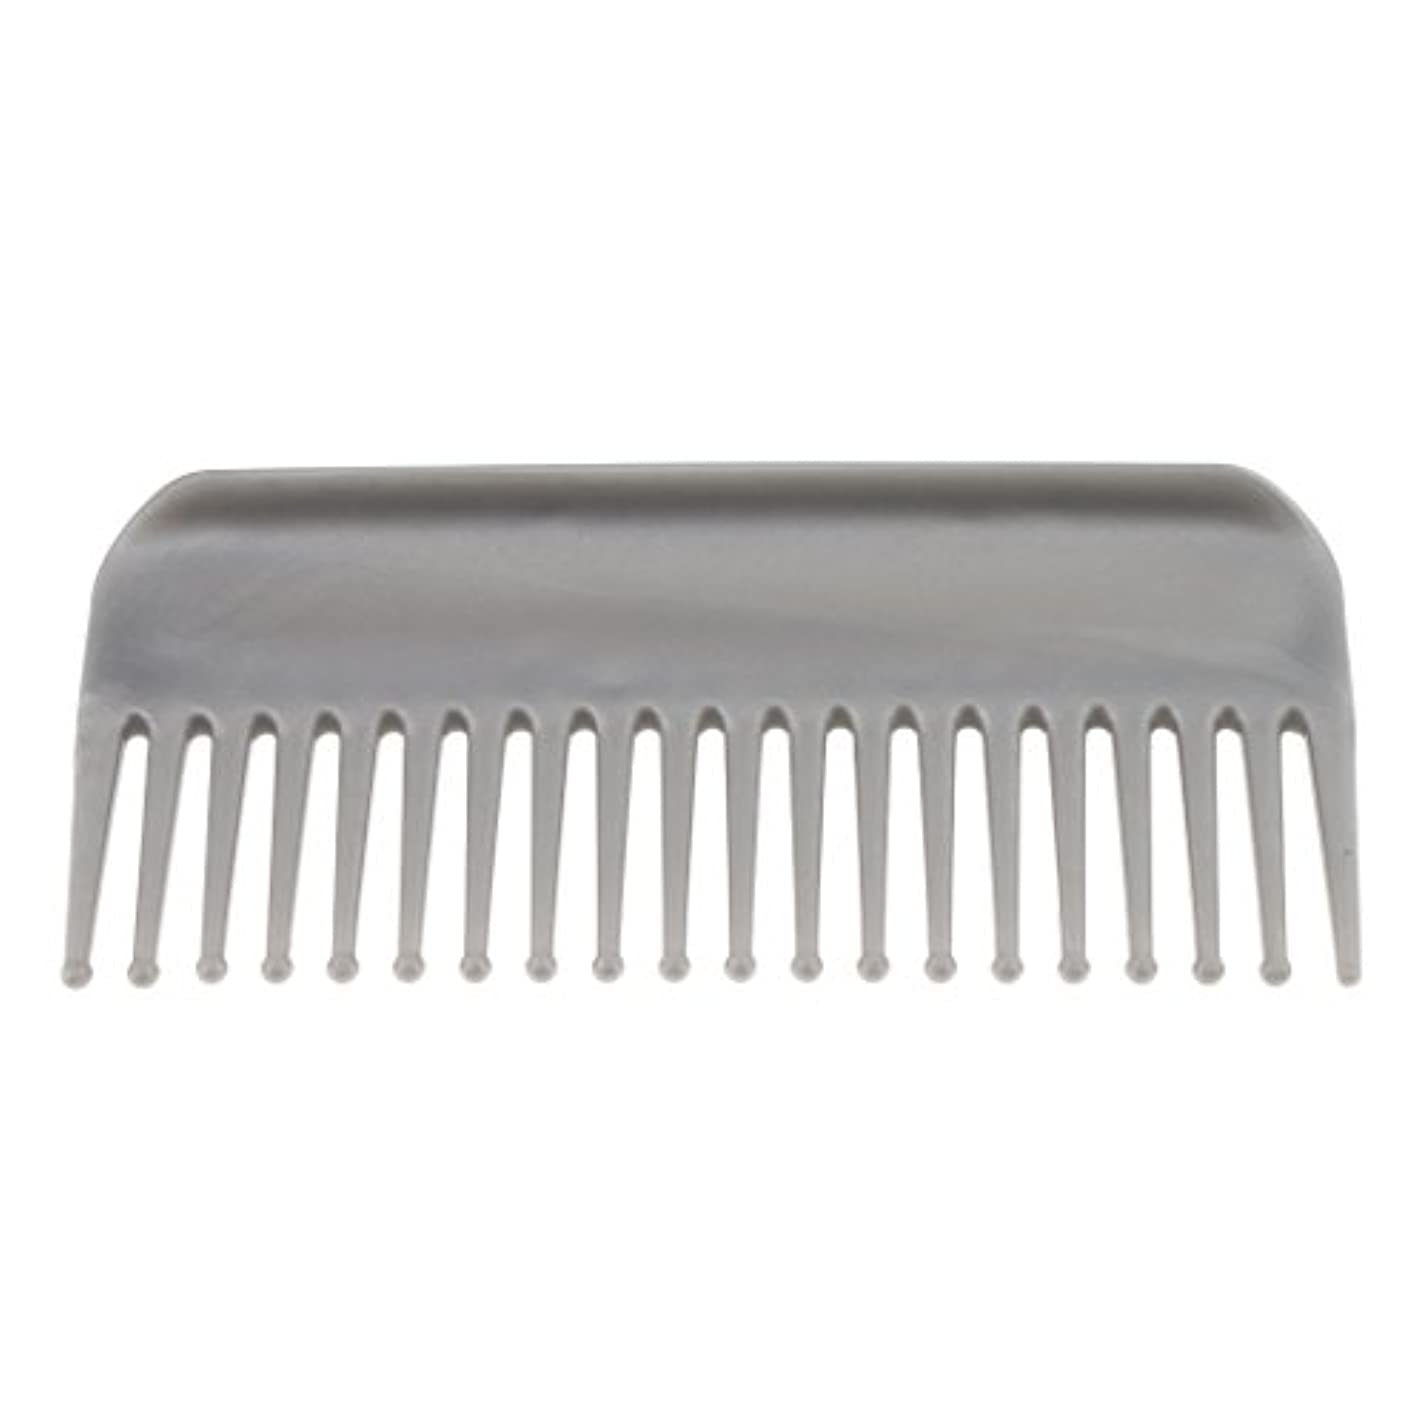 バブルオフセットヒステリックヘアブラシ ヘアコーム コーム 櫛 くし 頭皮 マッサージ 使いやすい プロ 美容院 自宅用 滑らかな丸い先端 快適